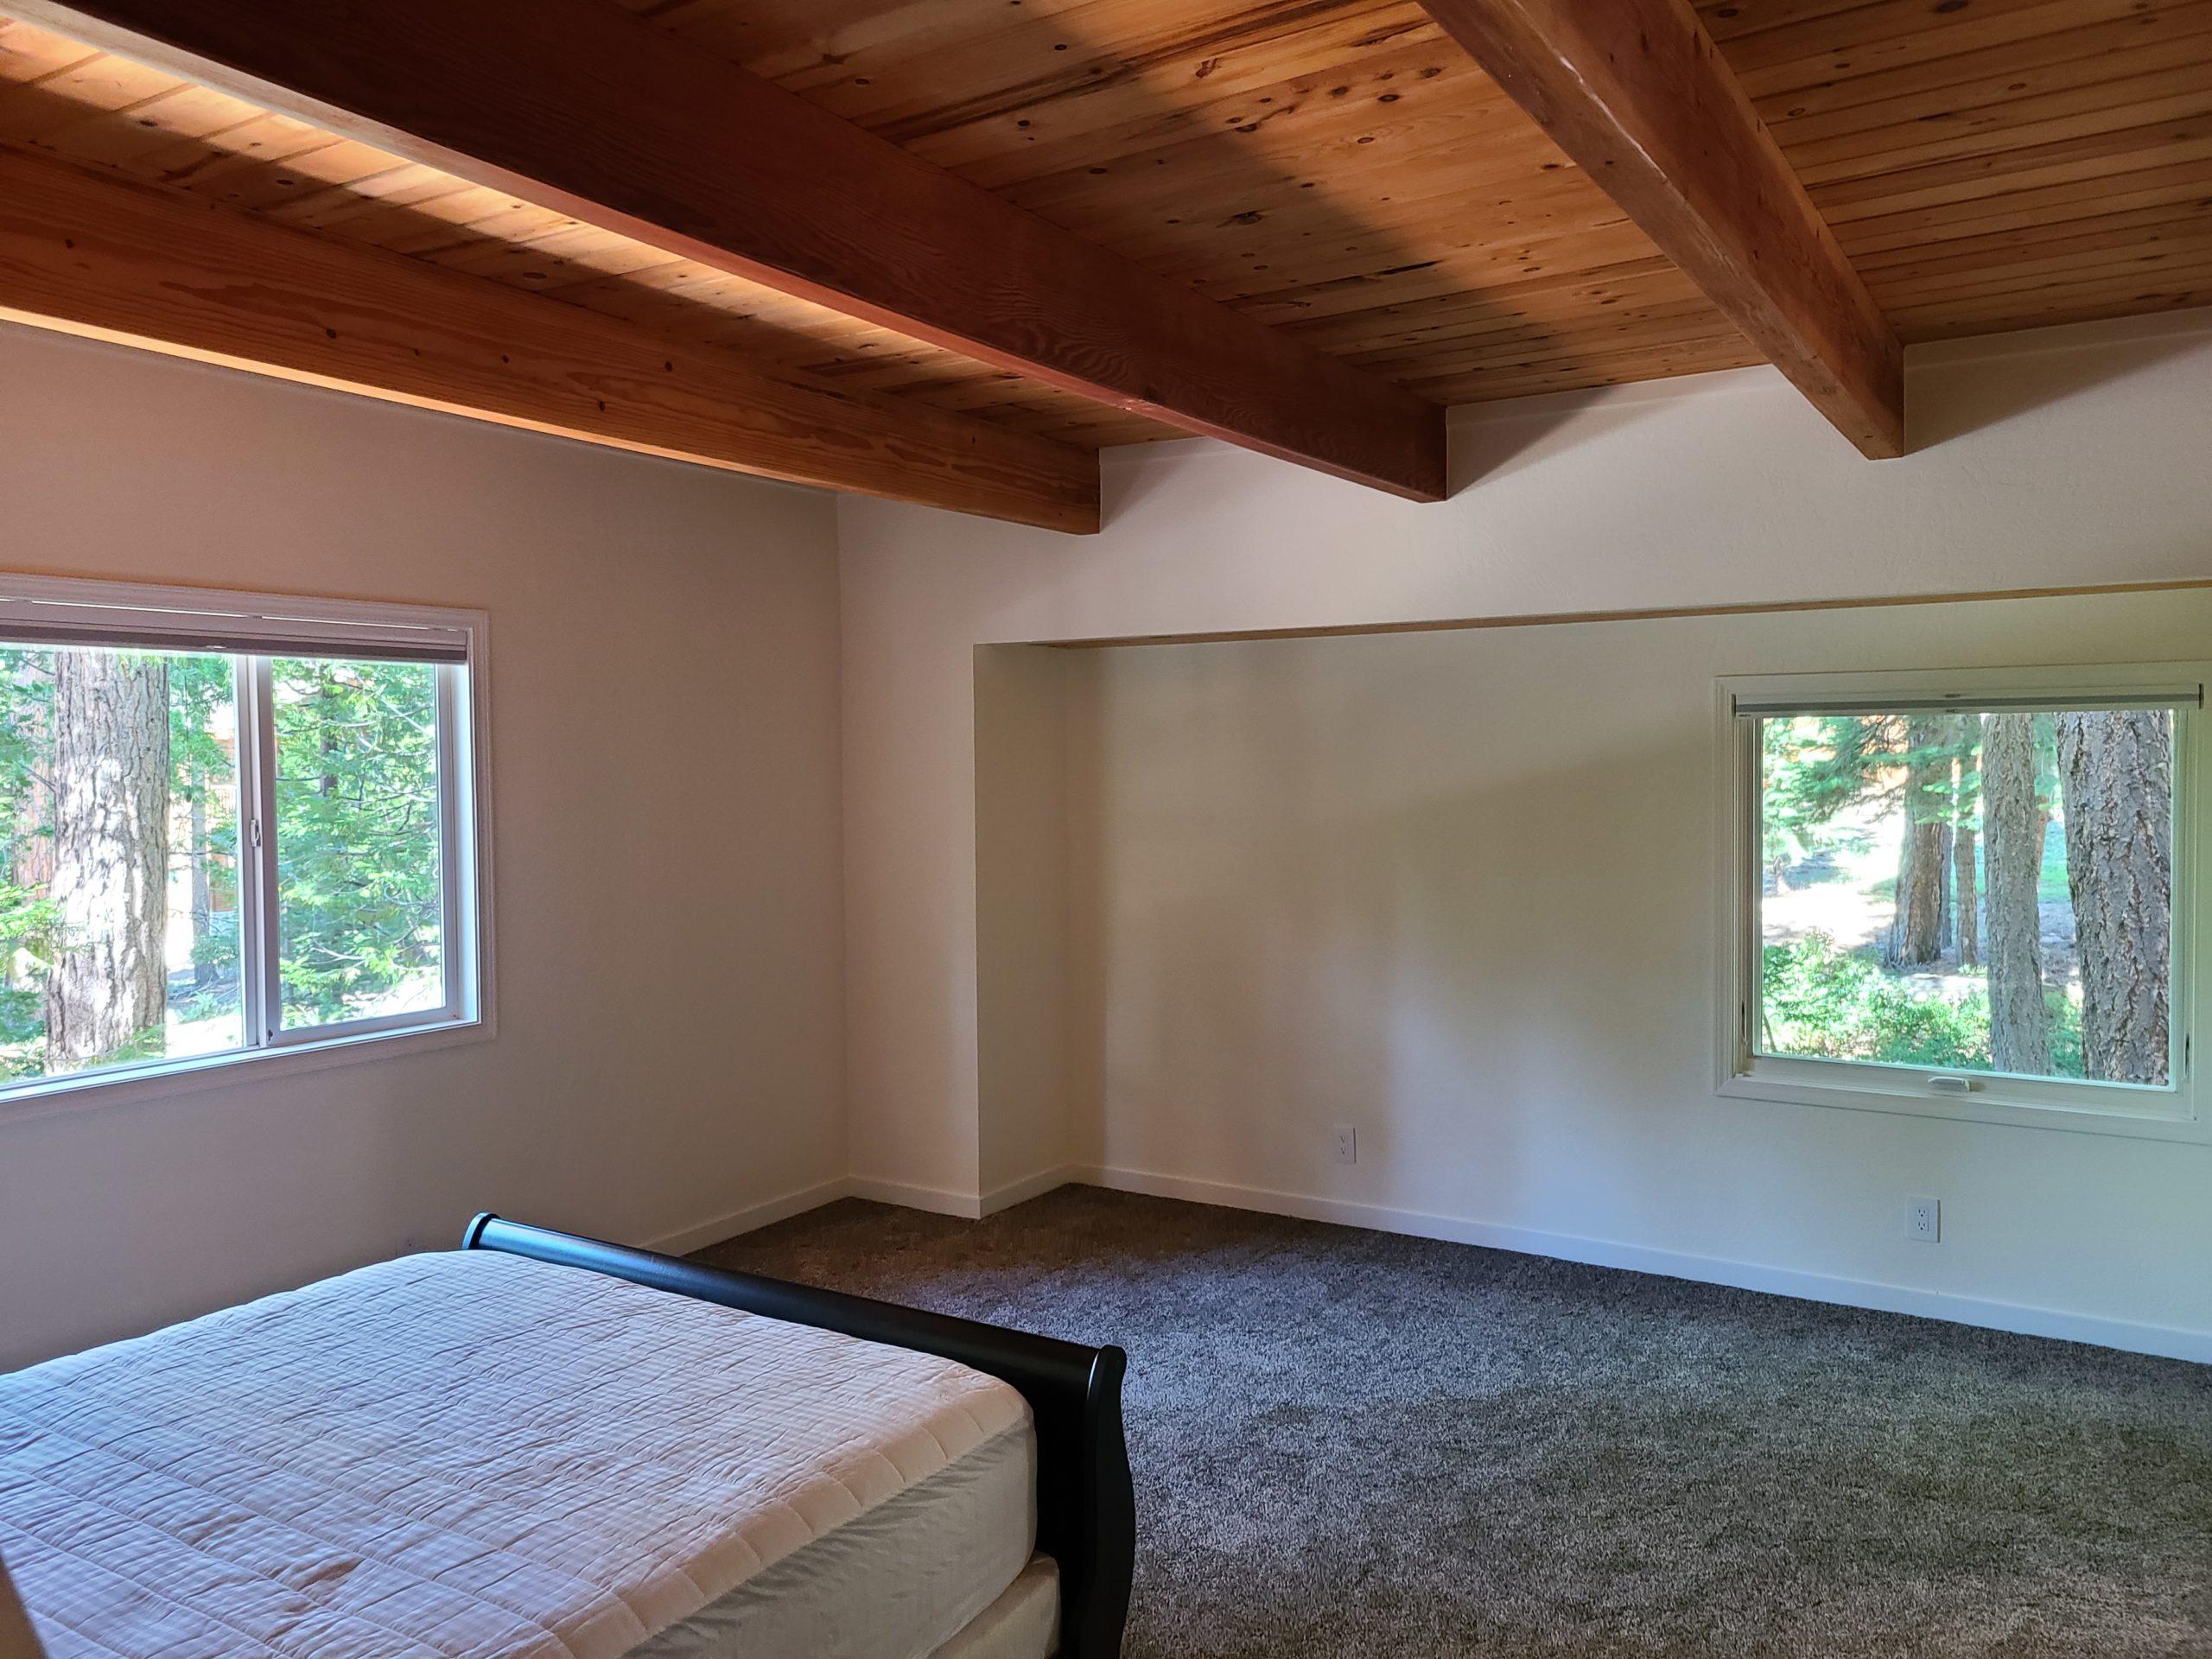 Tahoe Vista Residential Remodelling